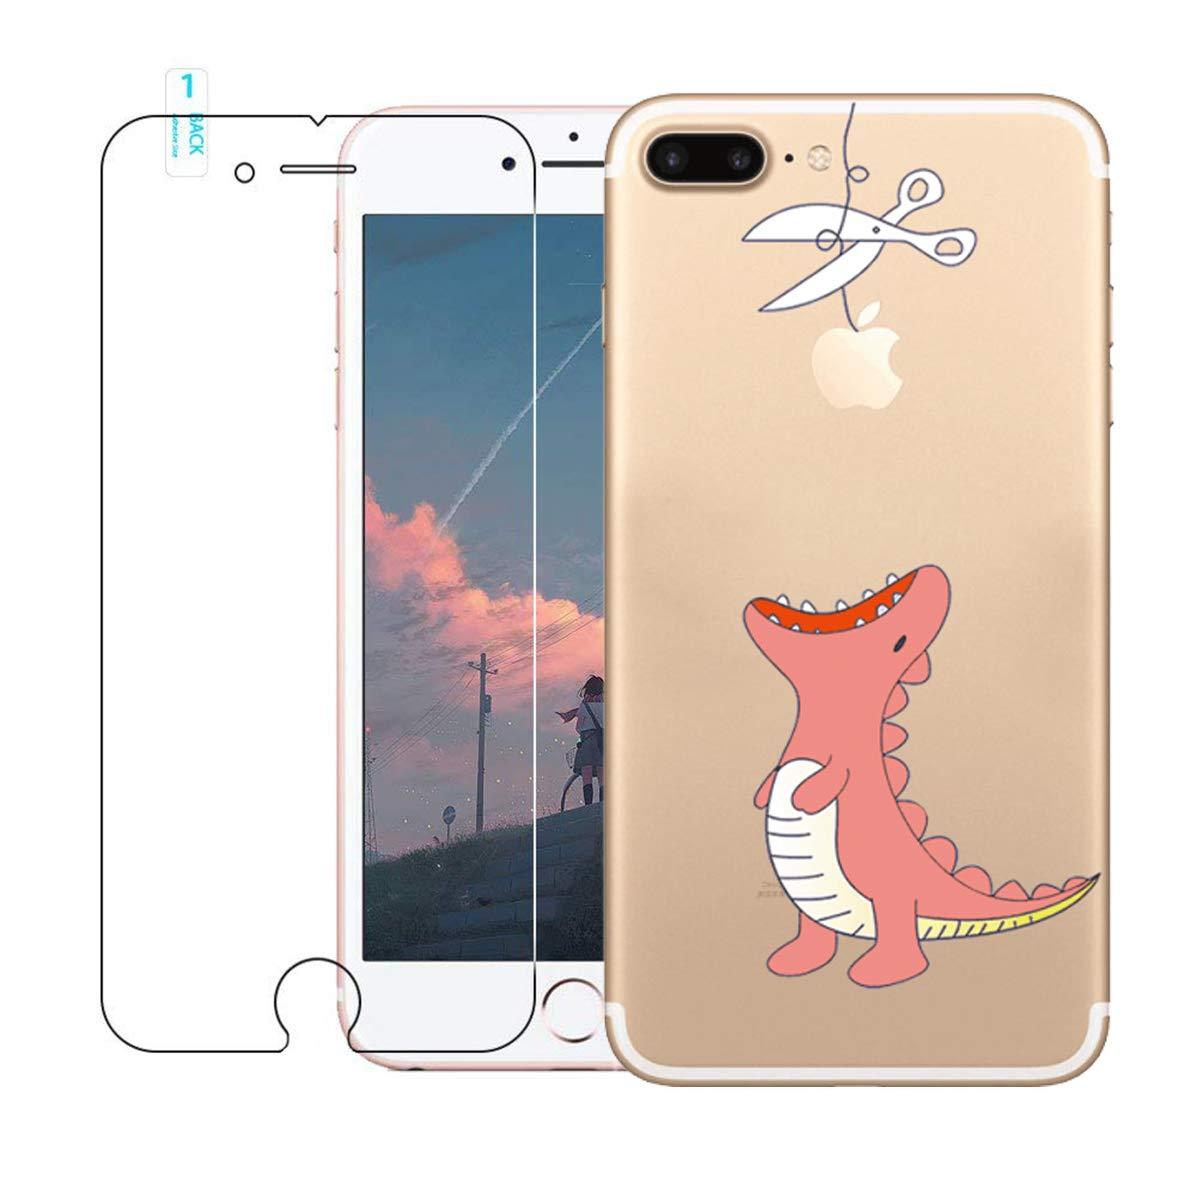 fundas iphone 7 plus transparentes con dibujos